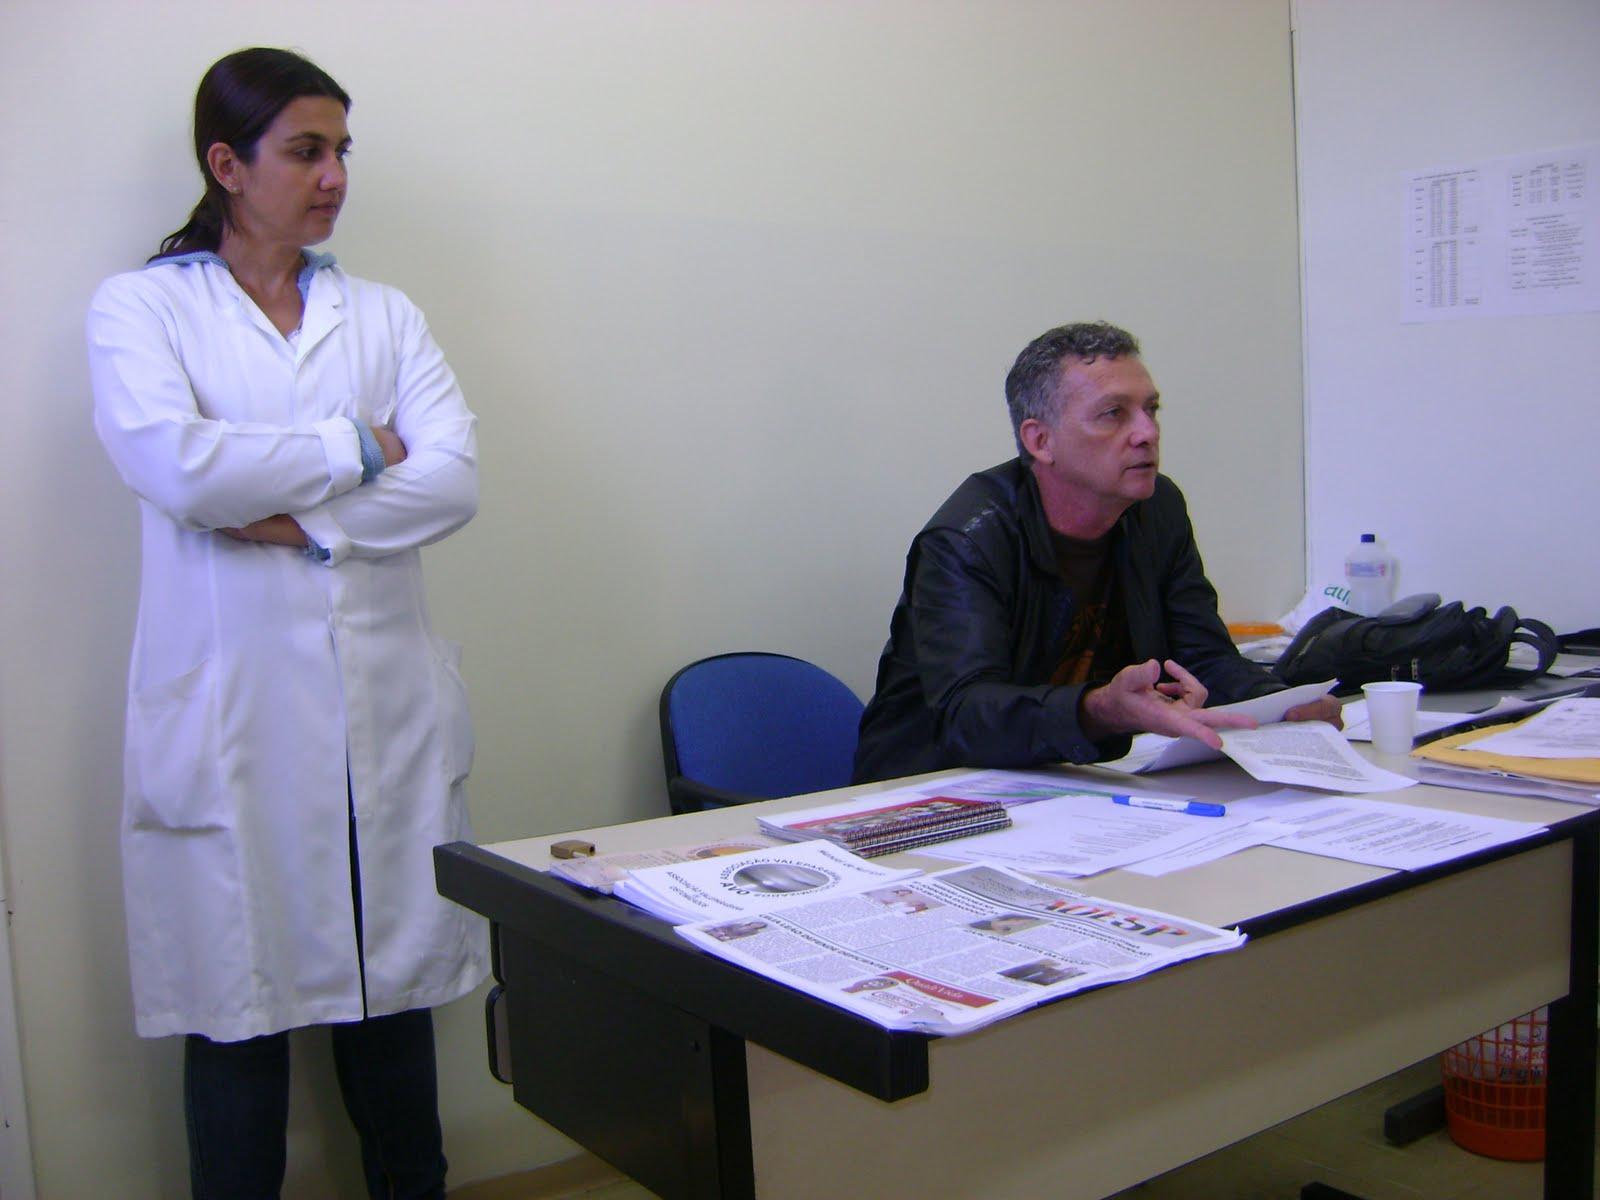 #2B346B CONFRATERNIZAÇÃO DE NATAL REÚNE OSTOMIZADOS EM CABO FRIO – 2012 1600x1200 px Banheiro Ostomizado 2685